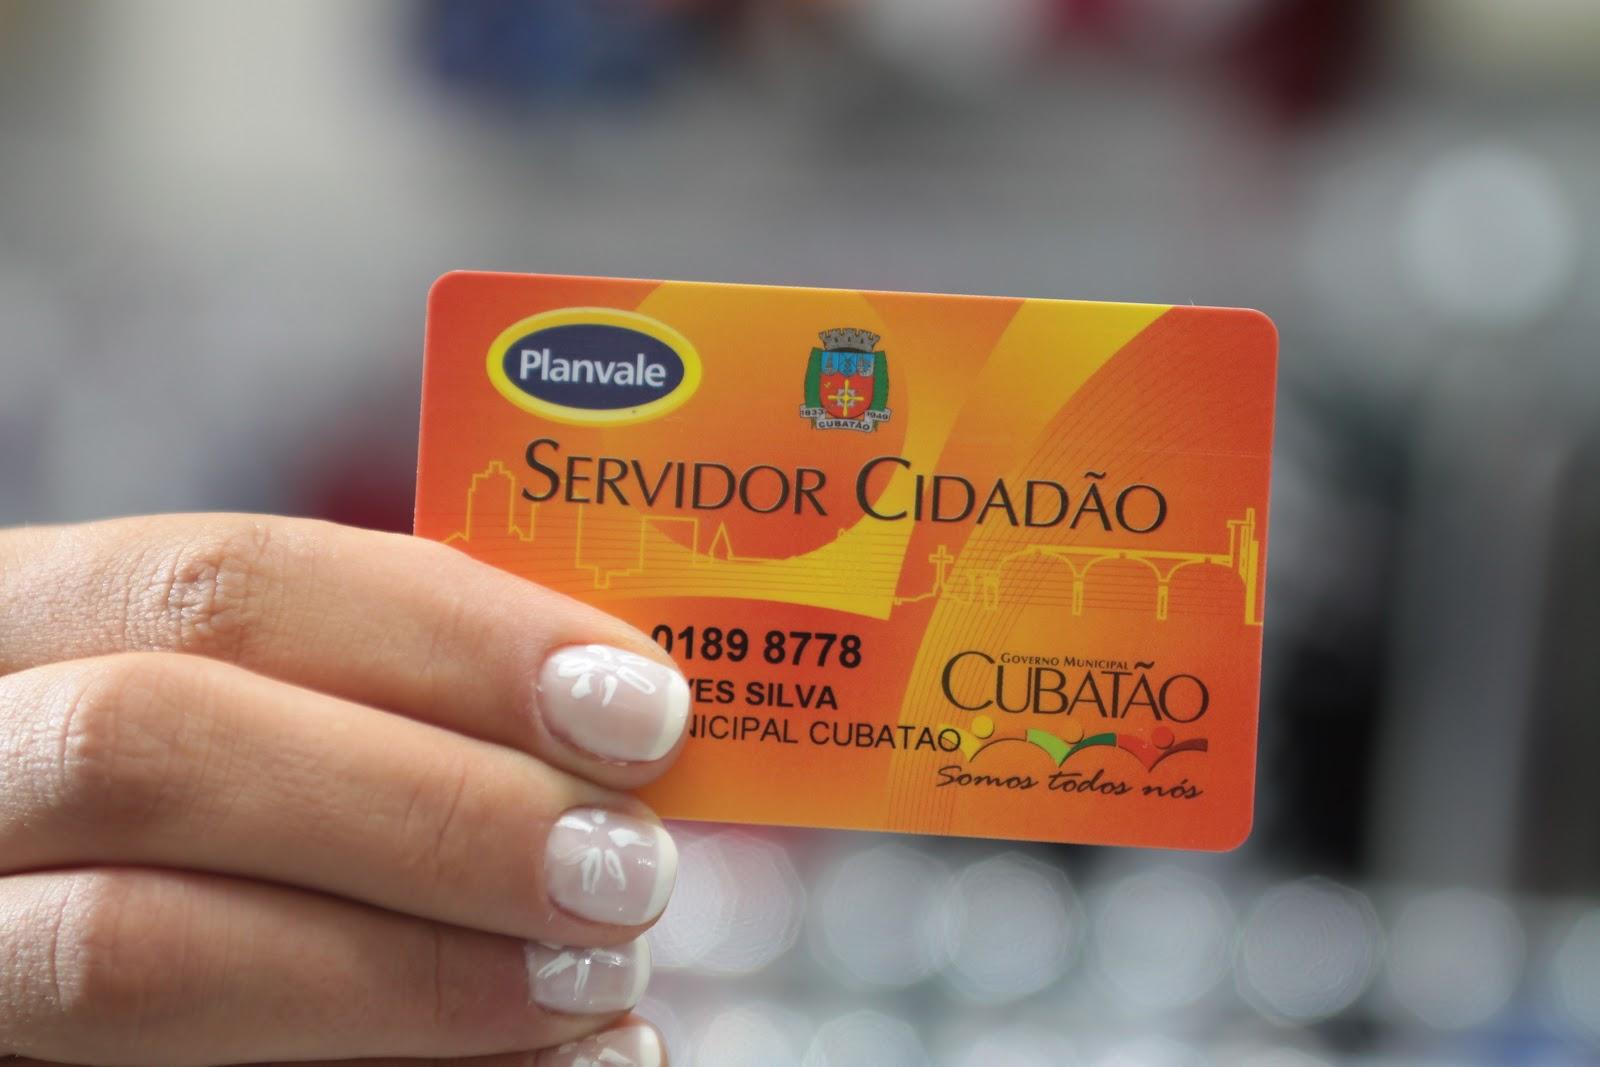 Servidores e o comércio em geral contabilizam perdas sem o Cartão Servidor Cidadão.